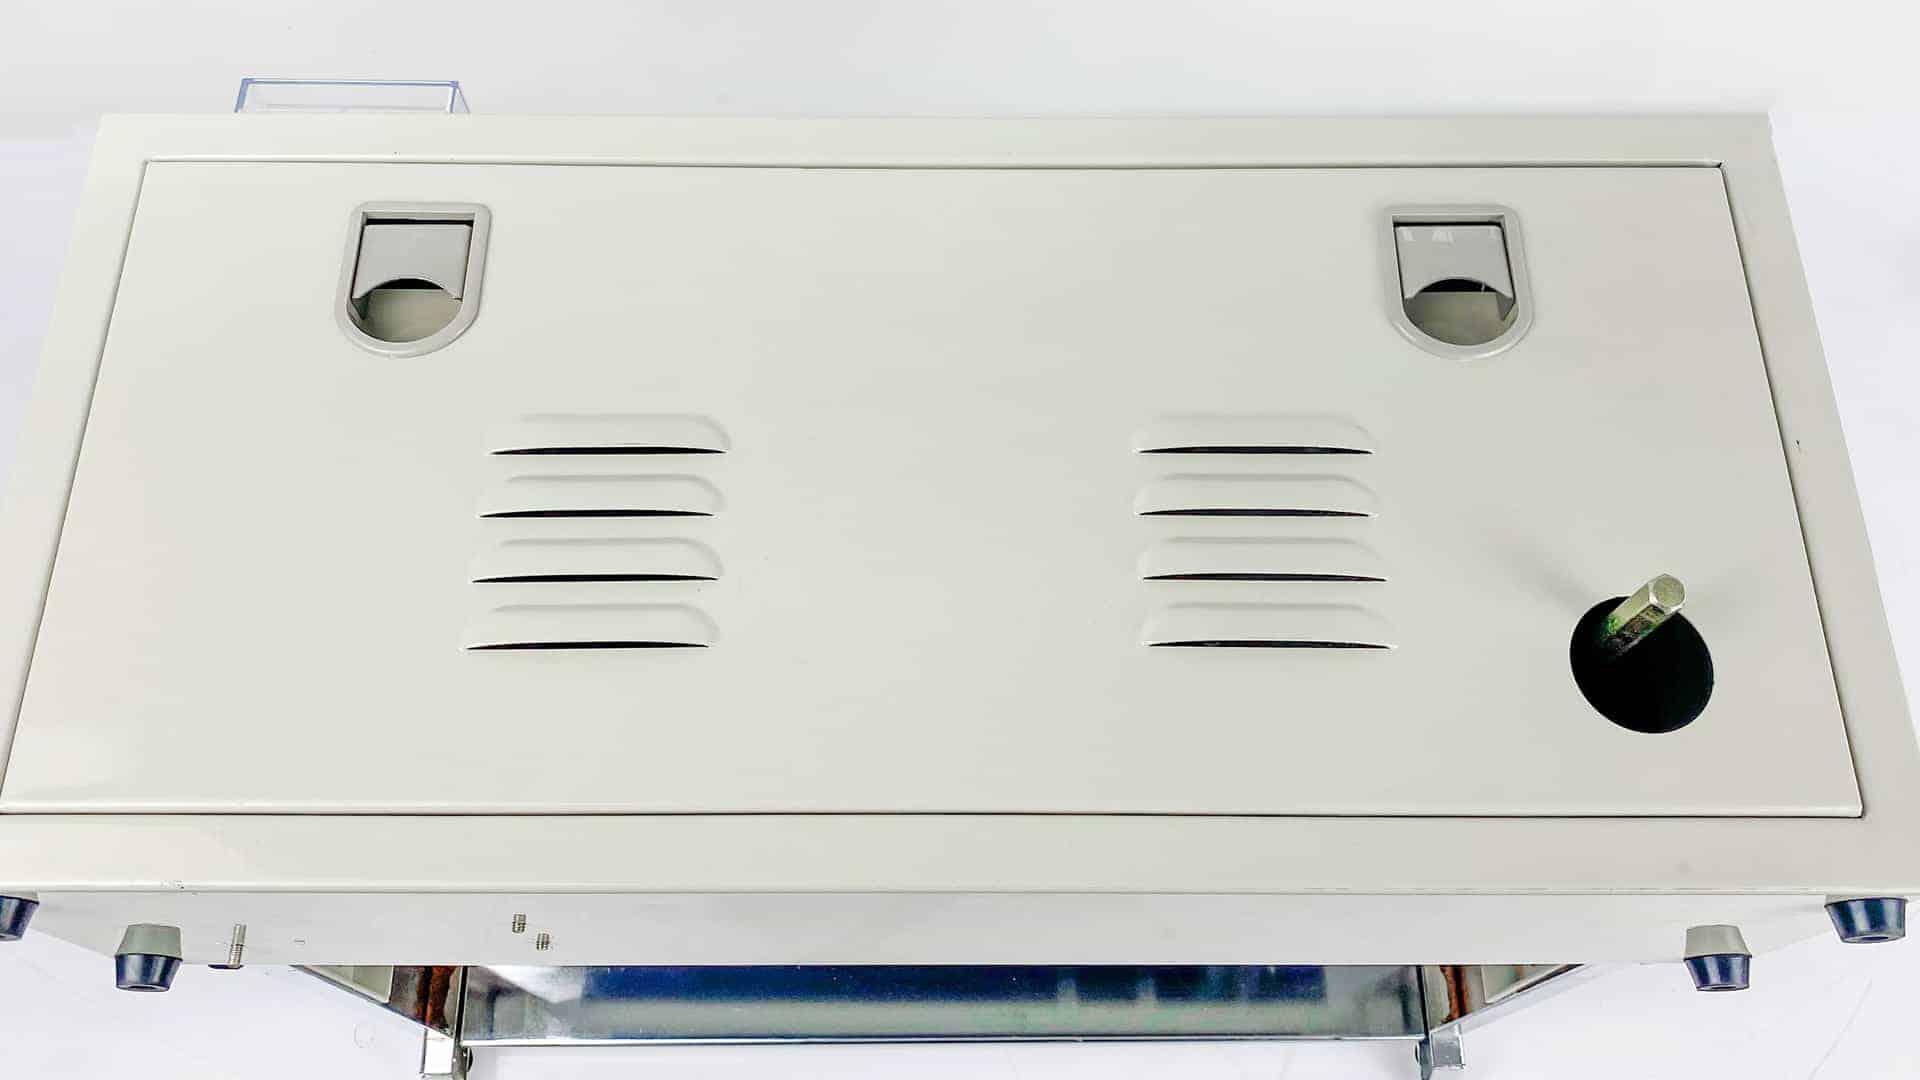 máy hàn miệng túi tự động băng chuyền AS02 trang bị hệ thống tản nhiệt giúp máy hoạt động liên tục